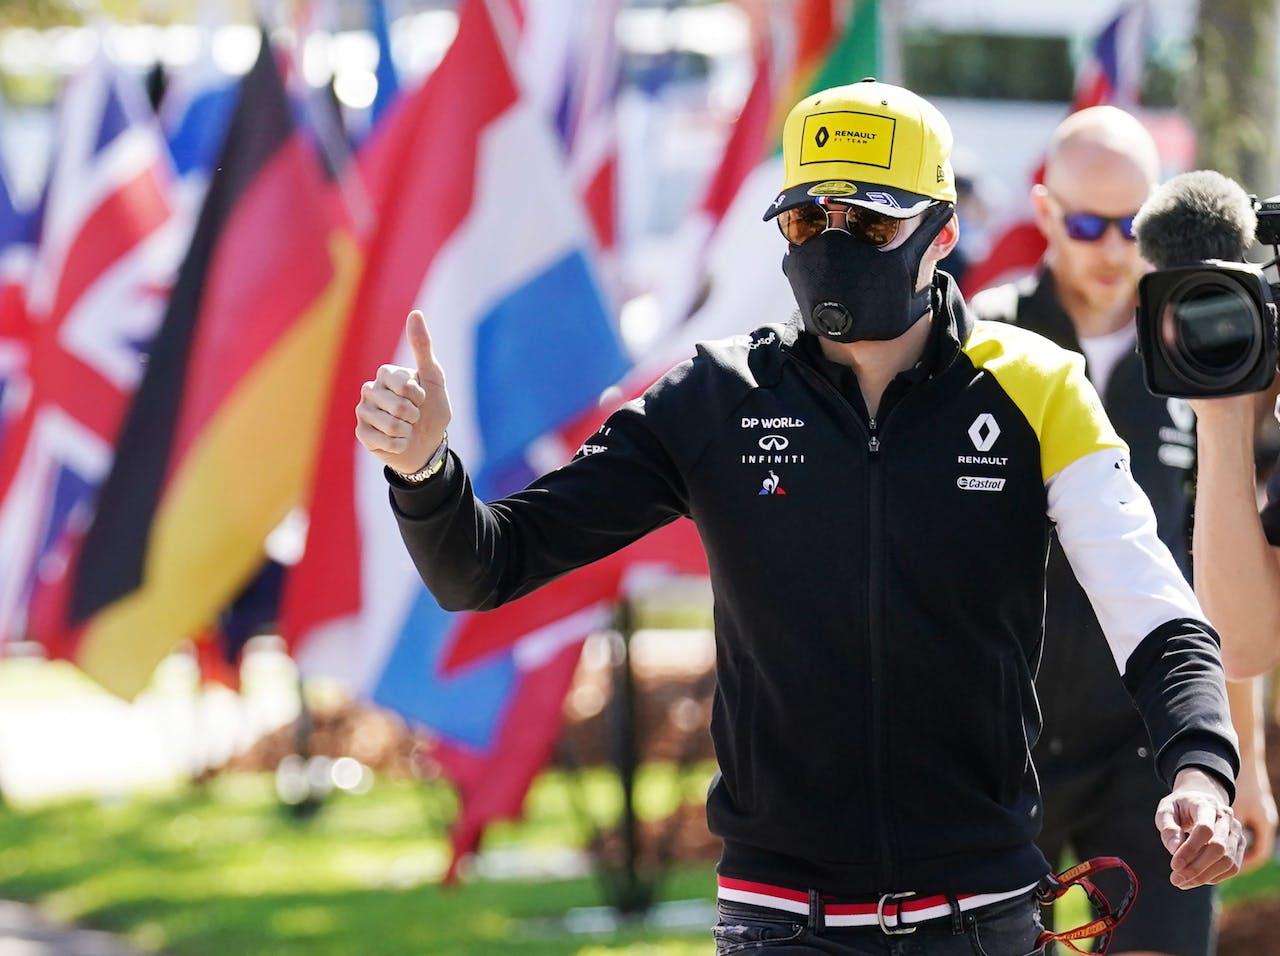 Esteban Ocon, van team Renault, arriveerde met een mondkapje op op het circuit van Melbourne.